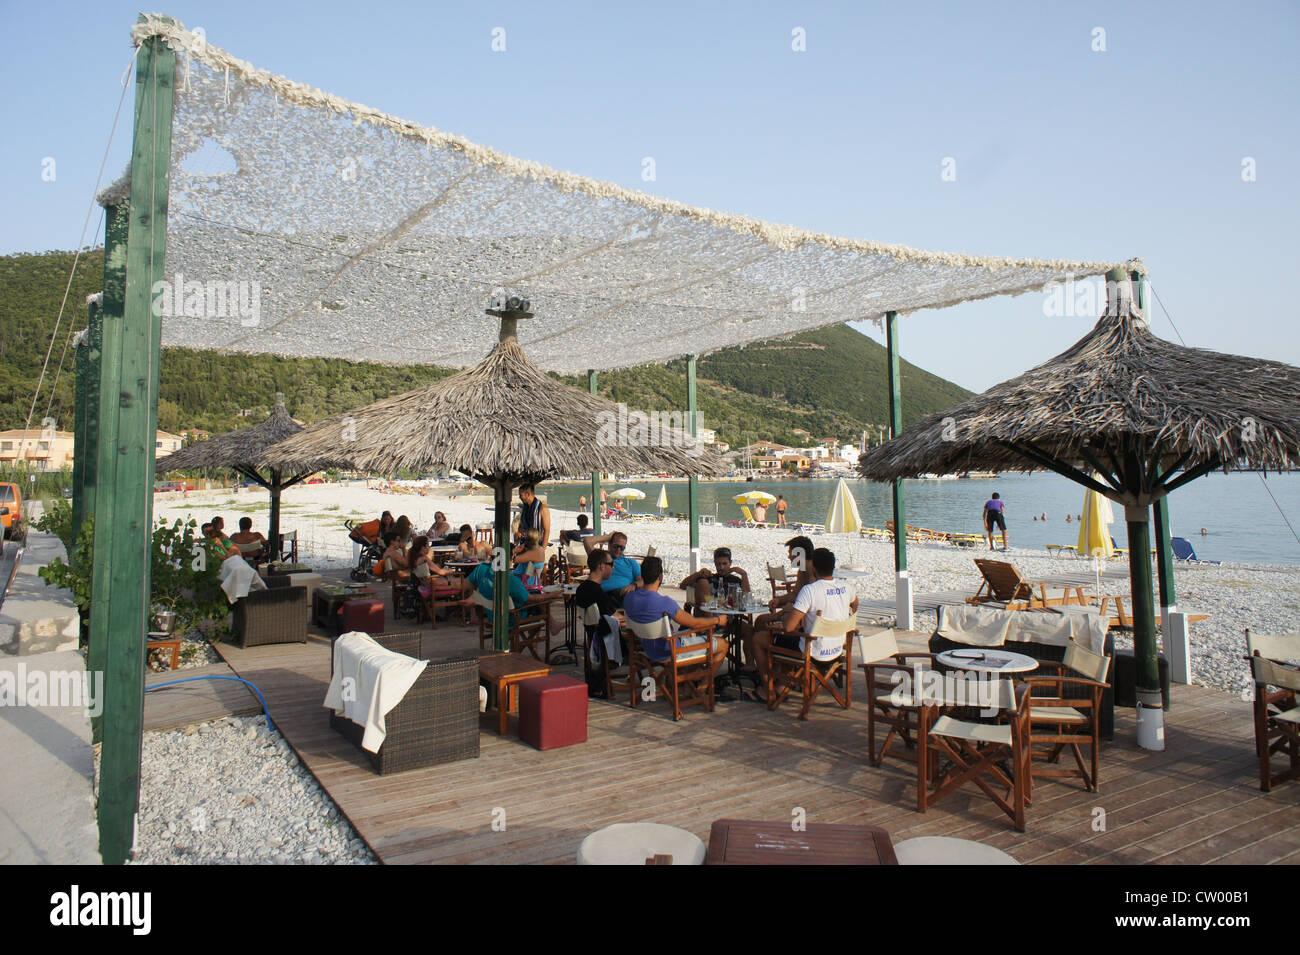 Vasiliki Beach Lefkada. Greece - Stock Image